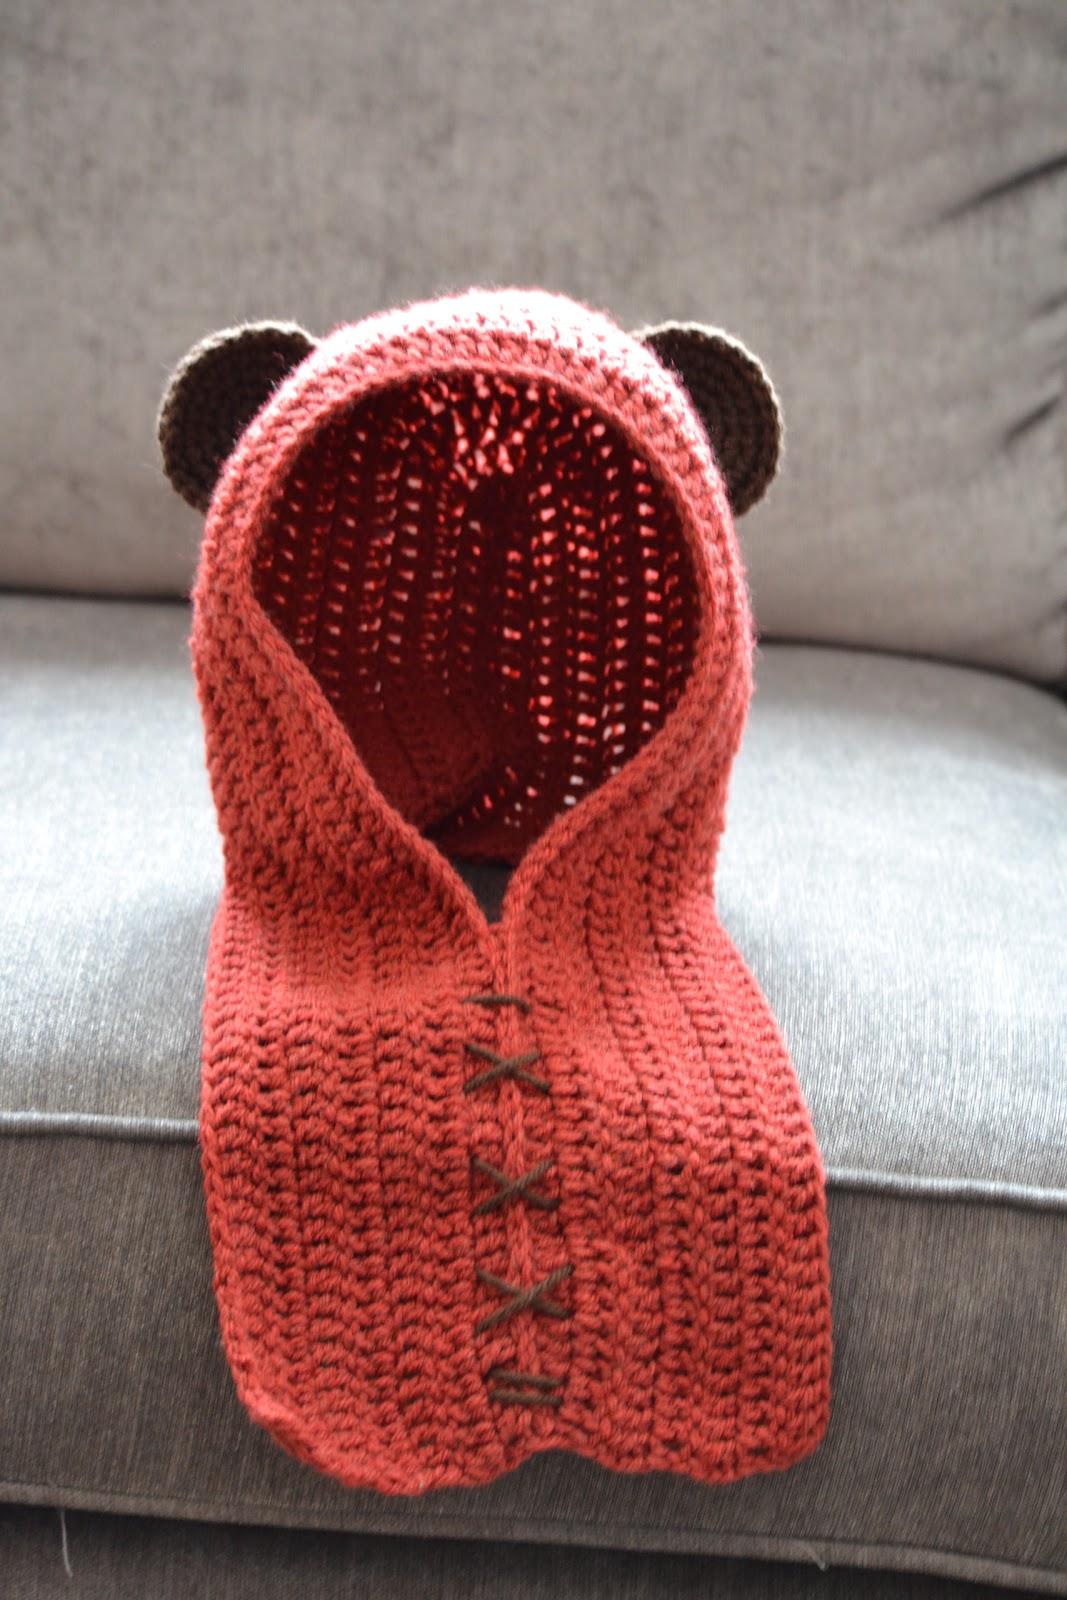 Knotty Knotty Crochet: EWOK hat free pattern link